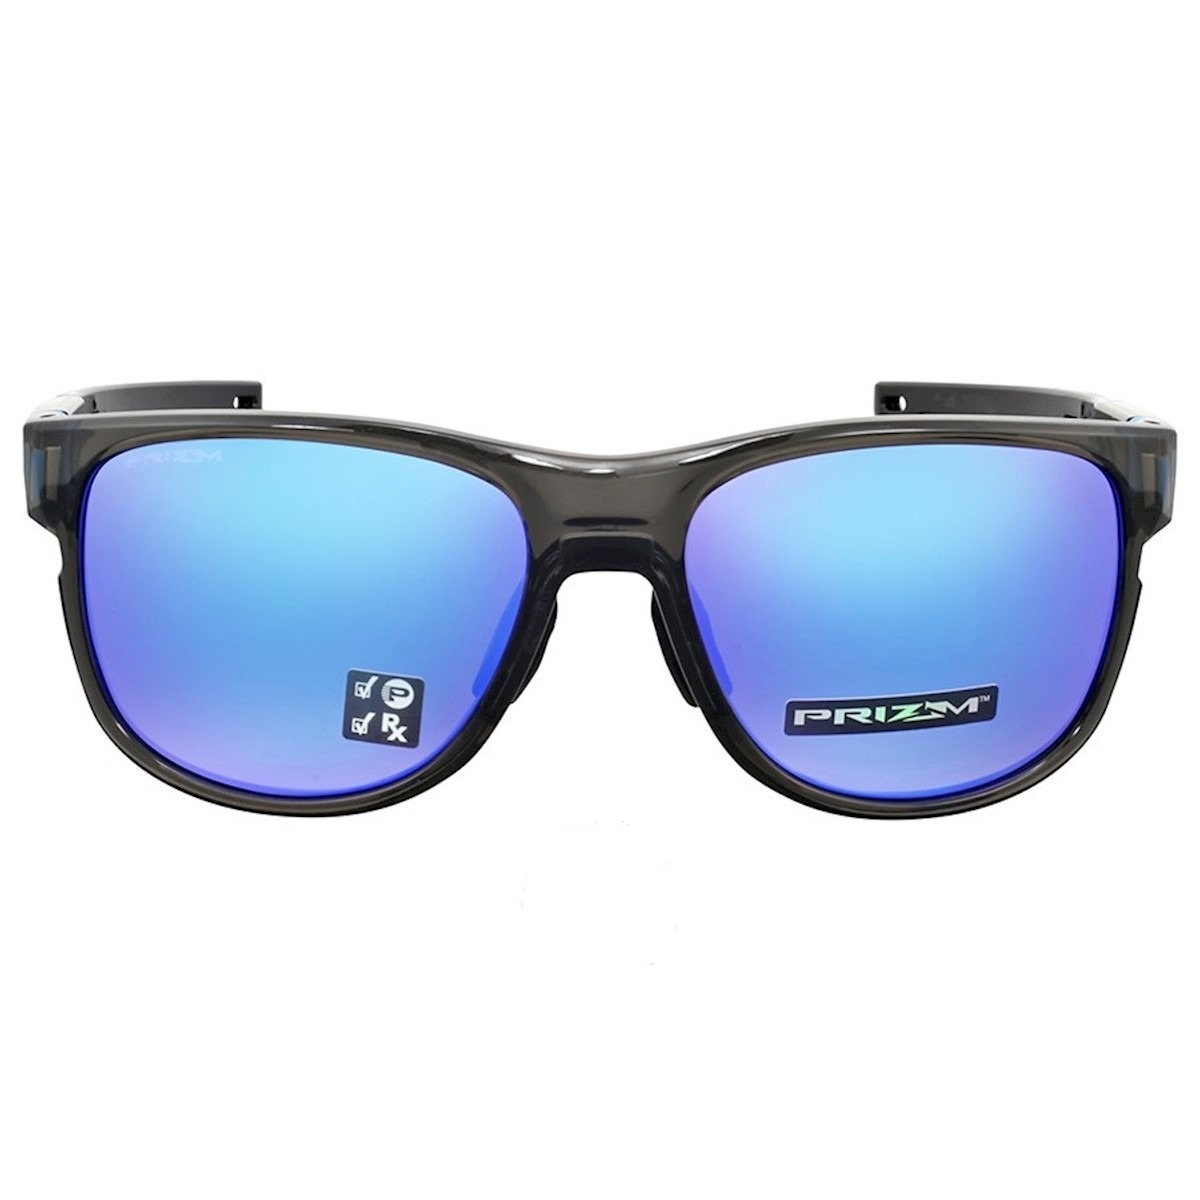 f181fb11a4be1 óculos de sol oakley crossrange prizm sapphire - original. Carregando  zoom... óculos sol oakley. Carregando zoom.